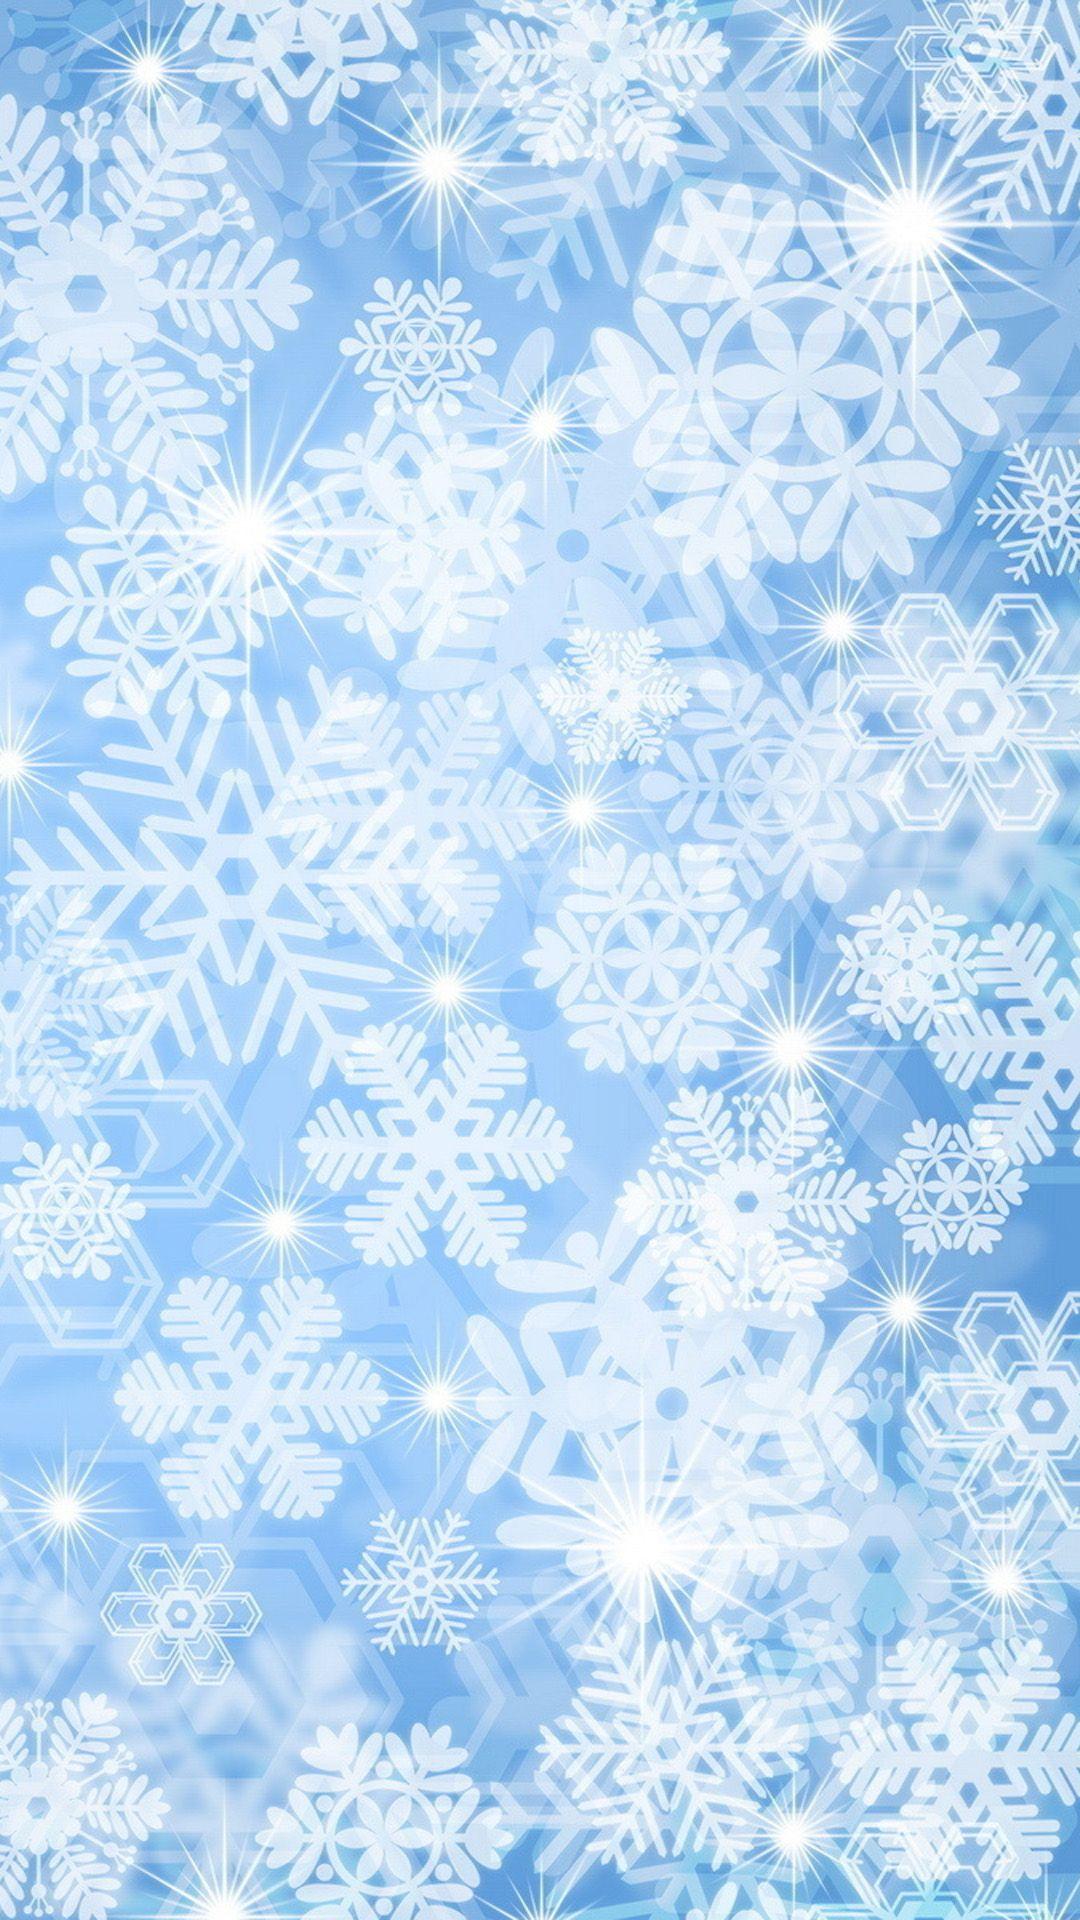 雪の結晶5 壁紙 クリスマスの壁紙 アブストラクト